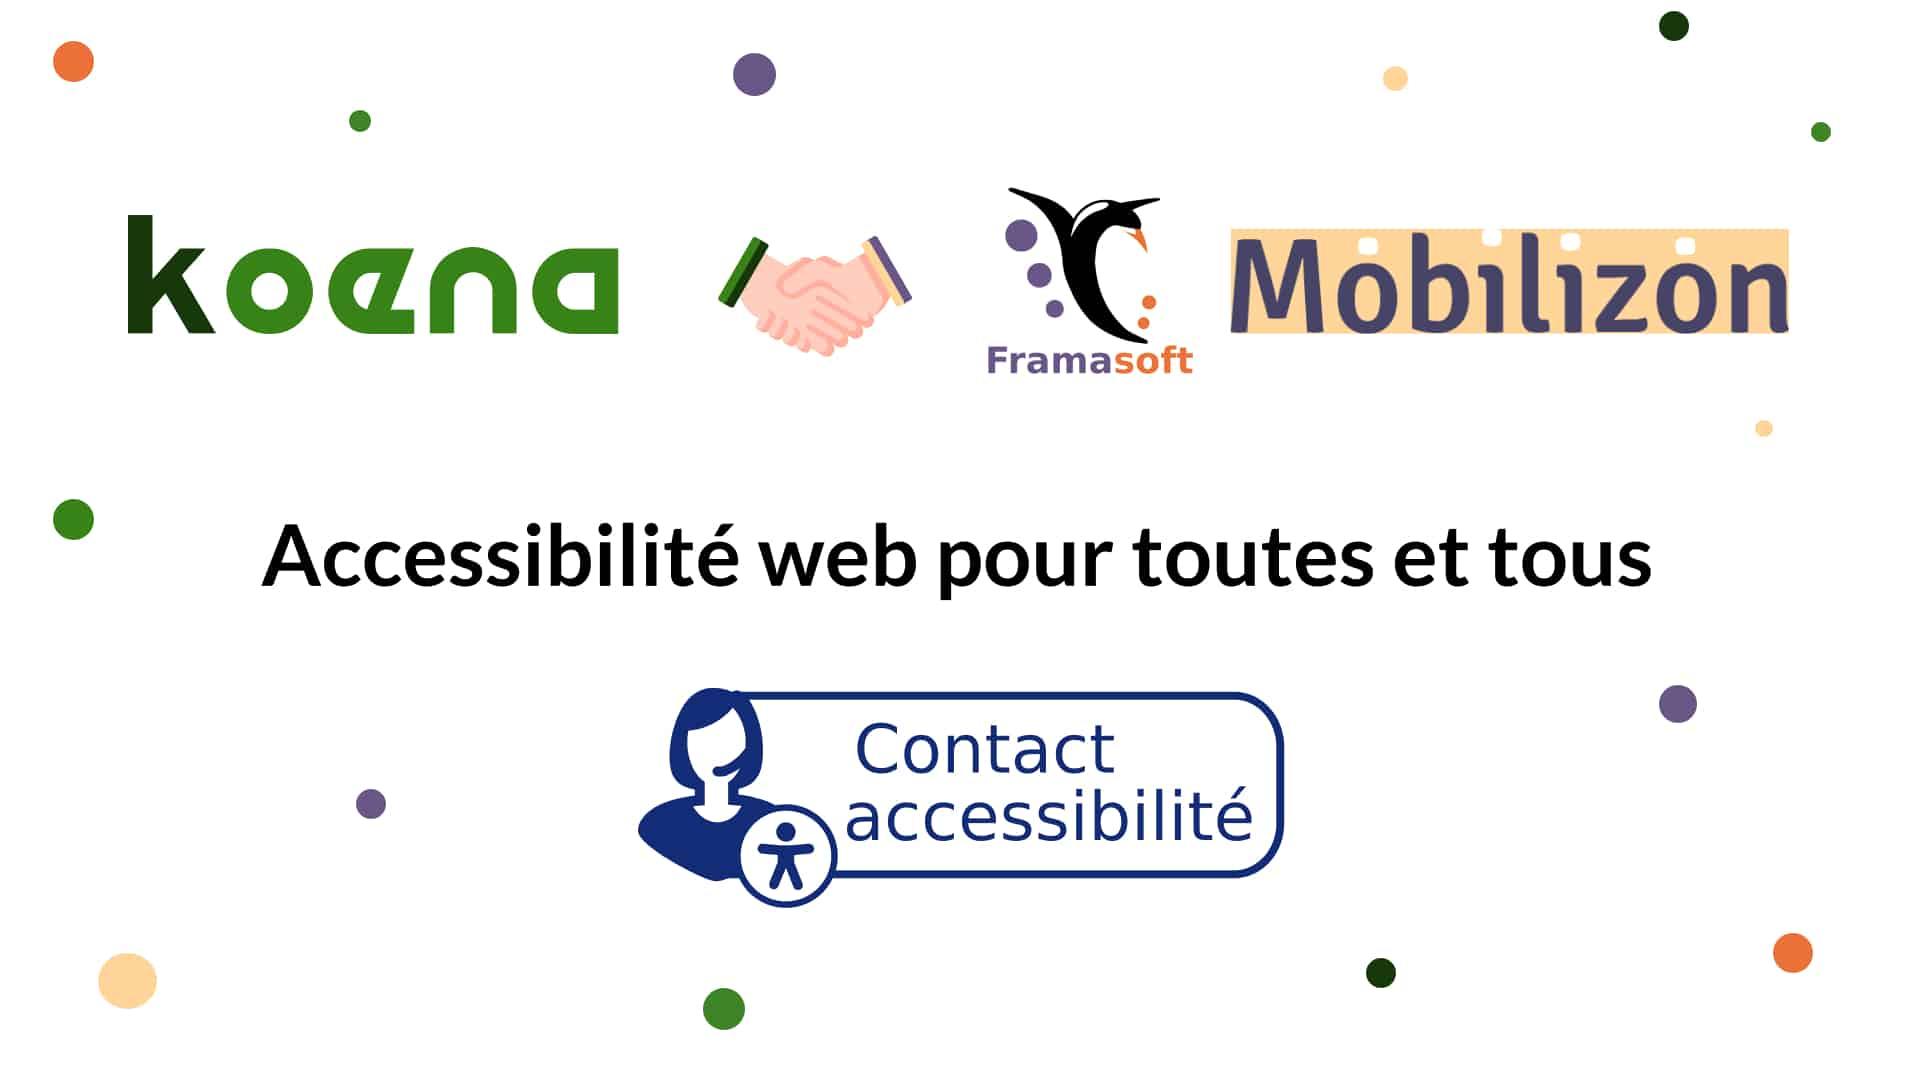 """Logos Koena, Framasoft et Mobilizon. Accessibilité web pour toutes et tous. Bouton """"Contact accessibilité"""""""